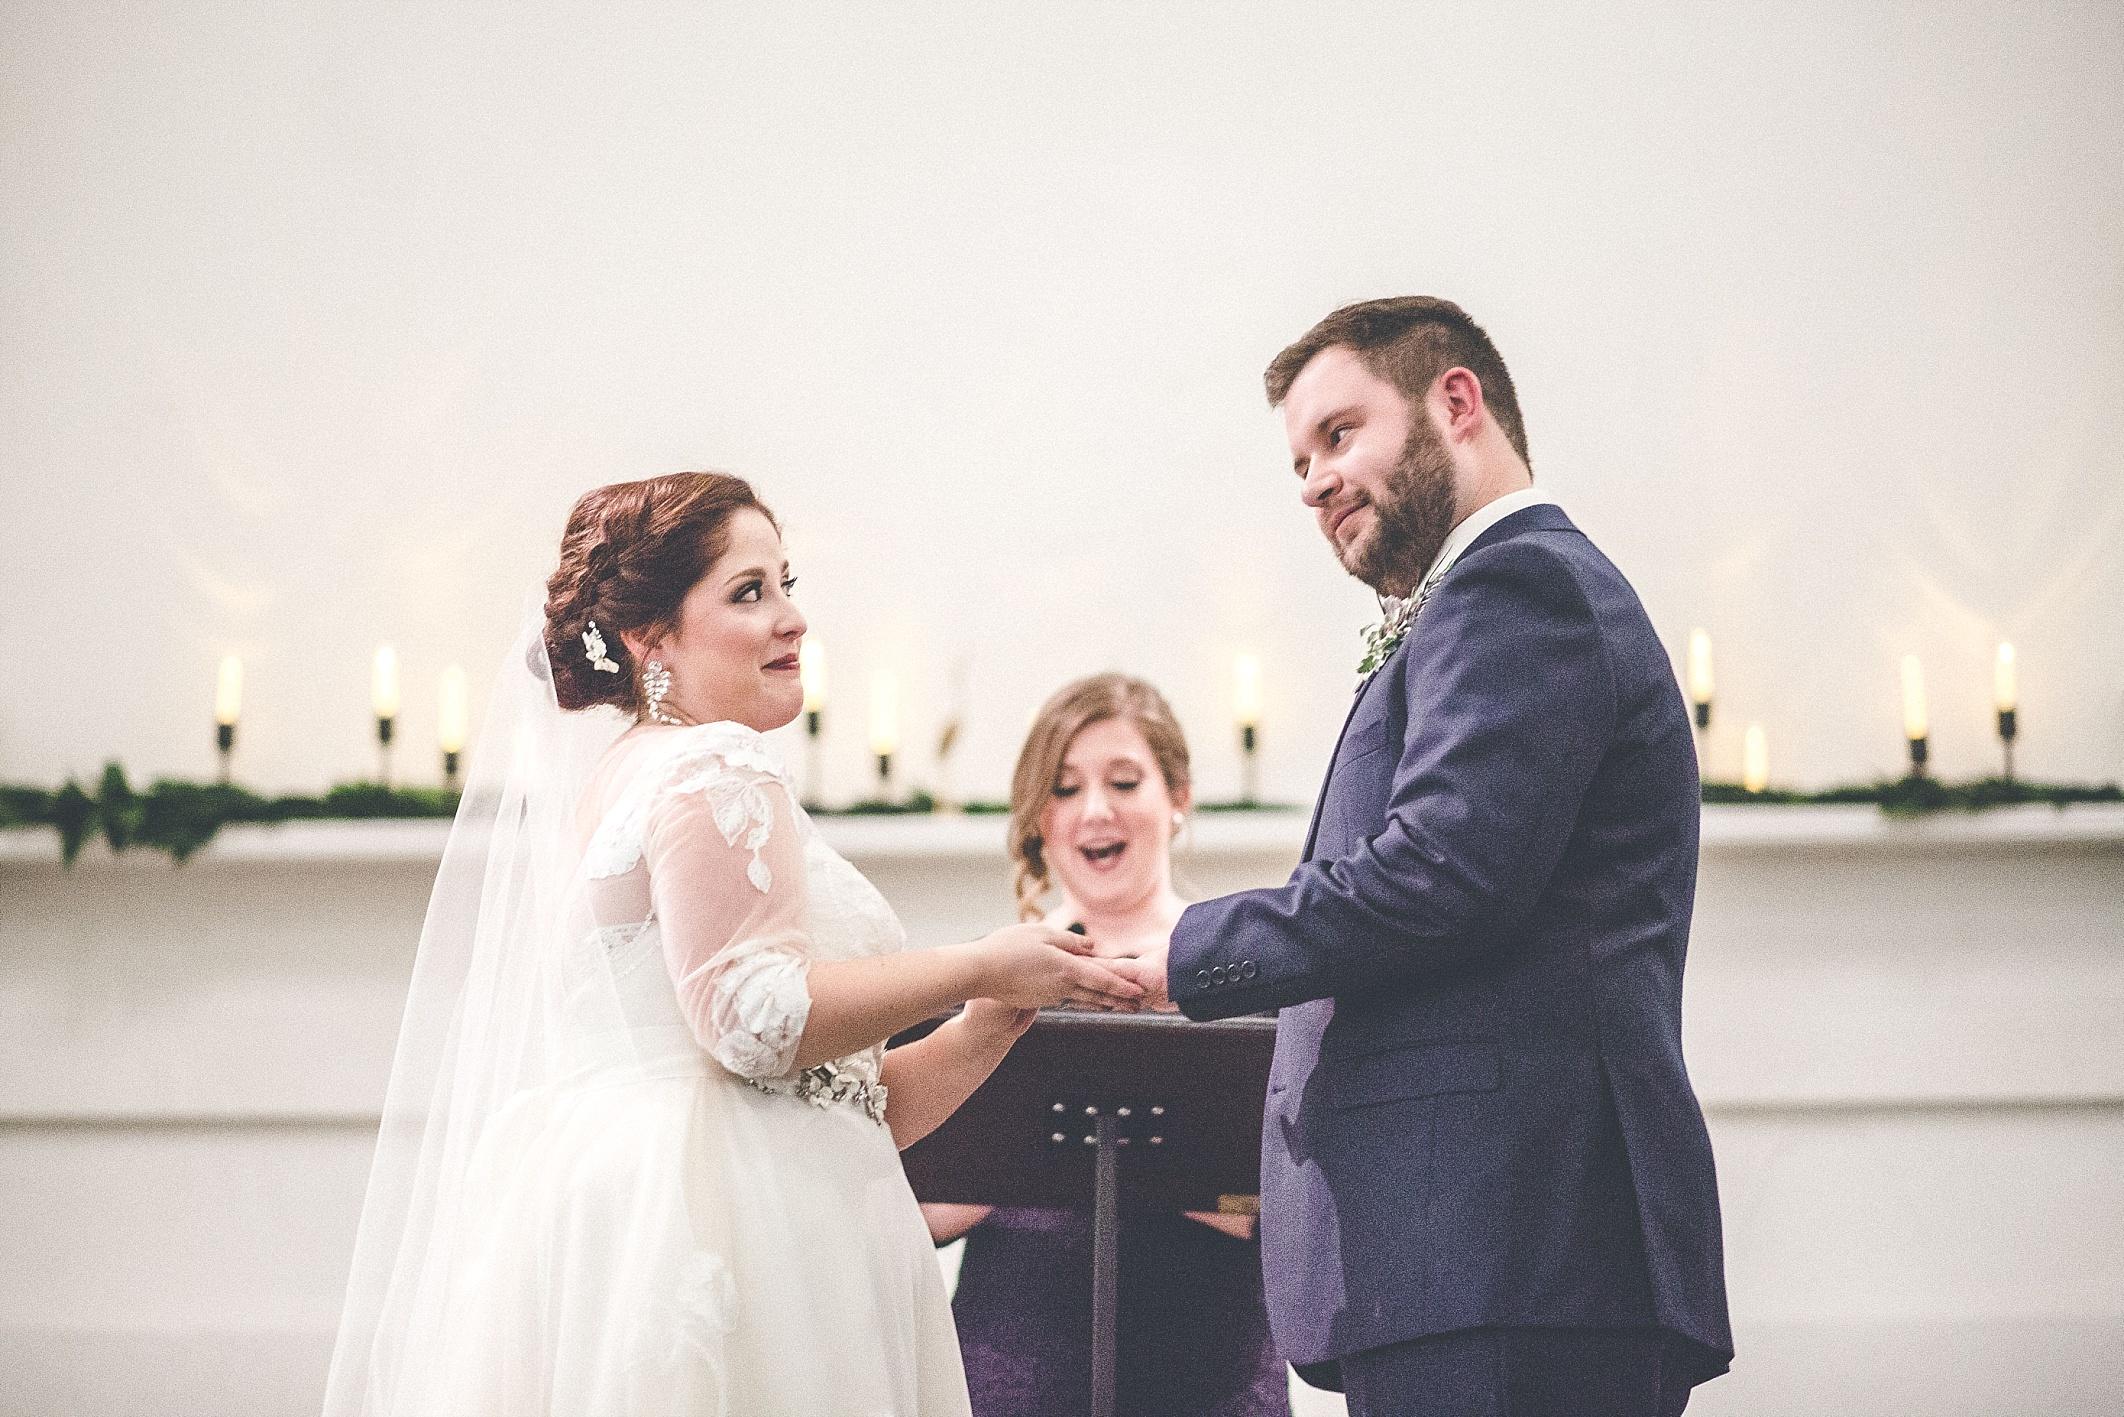 hilary-aaron-cincinnati-trancept-wedding-photographer-dayton-ohio_0031.jpg